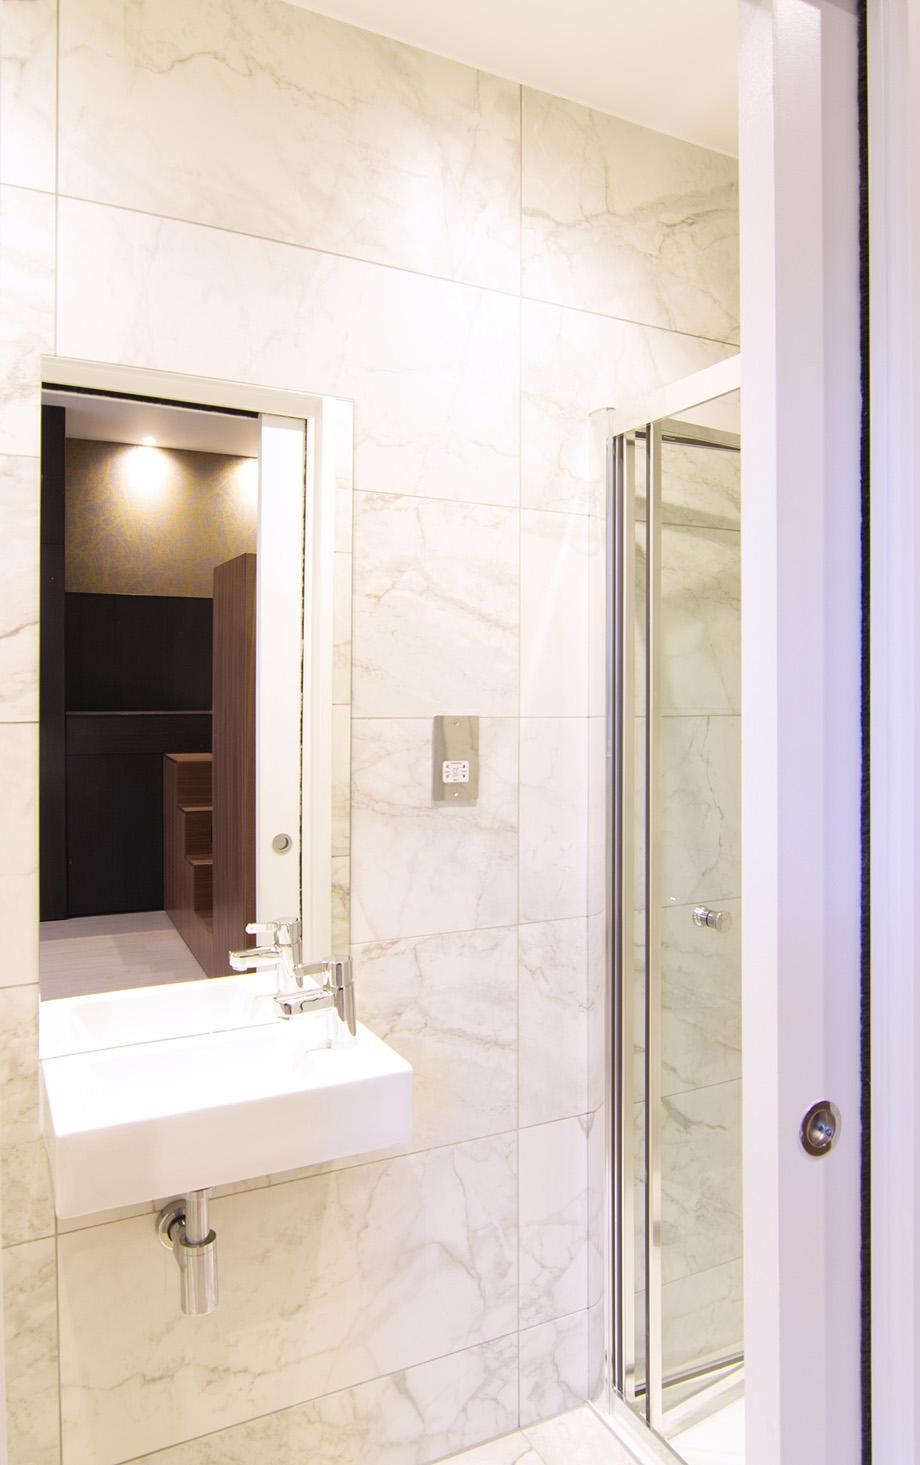 diseño interior de 18 micro-apartamentos en londres por laura encinas - foto laura encinas (16)